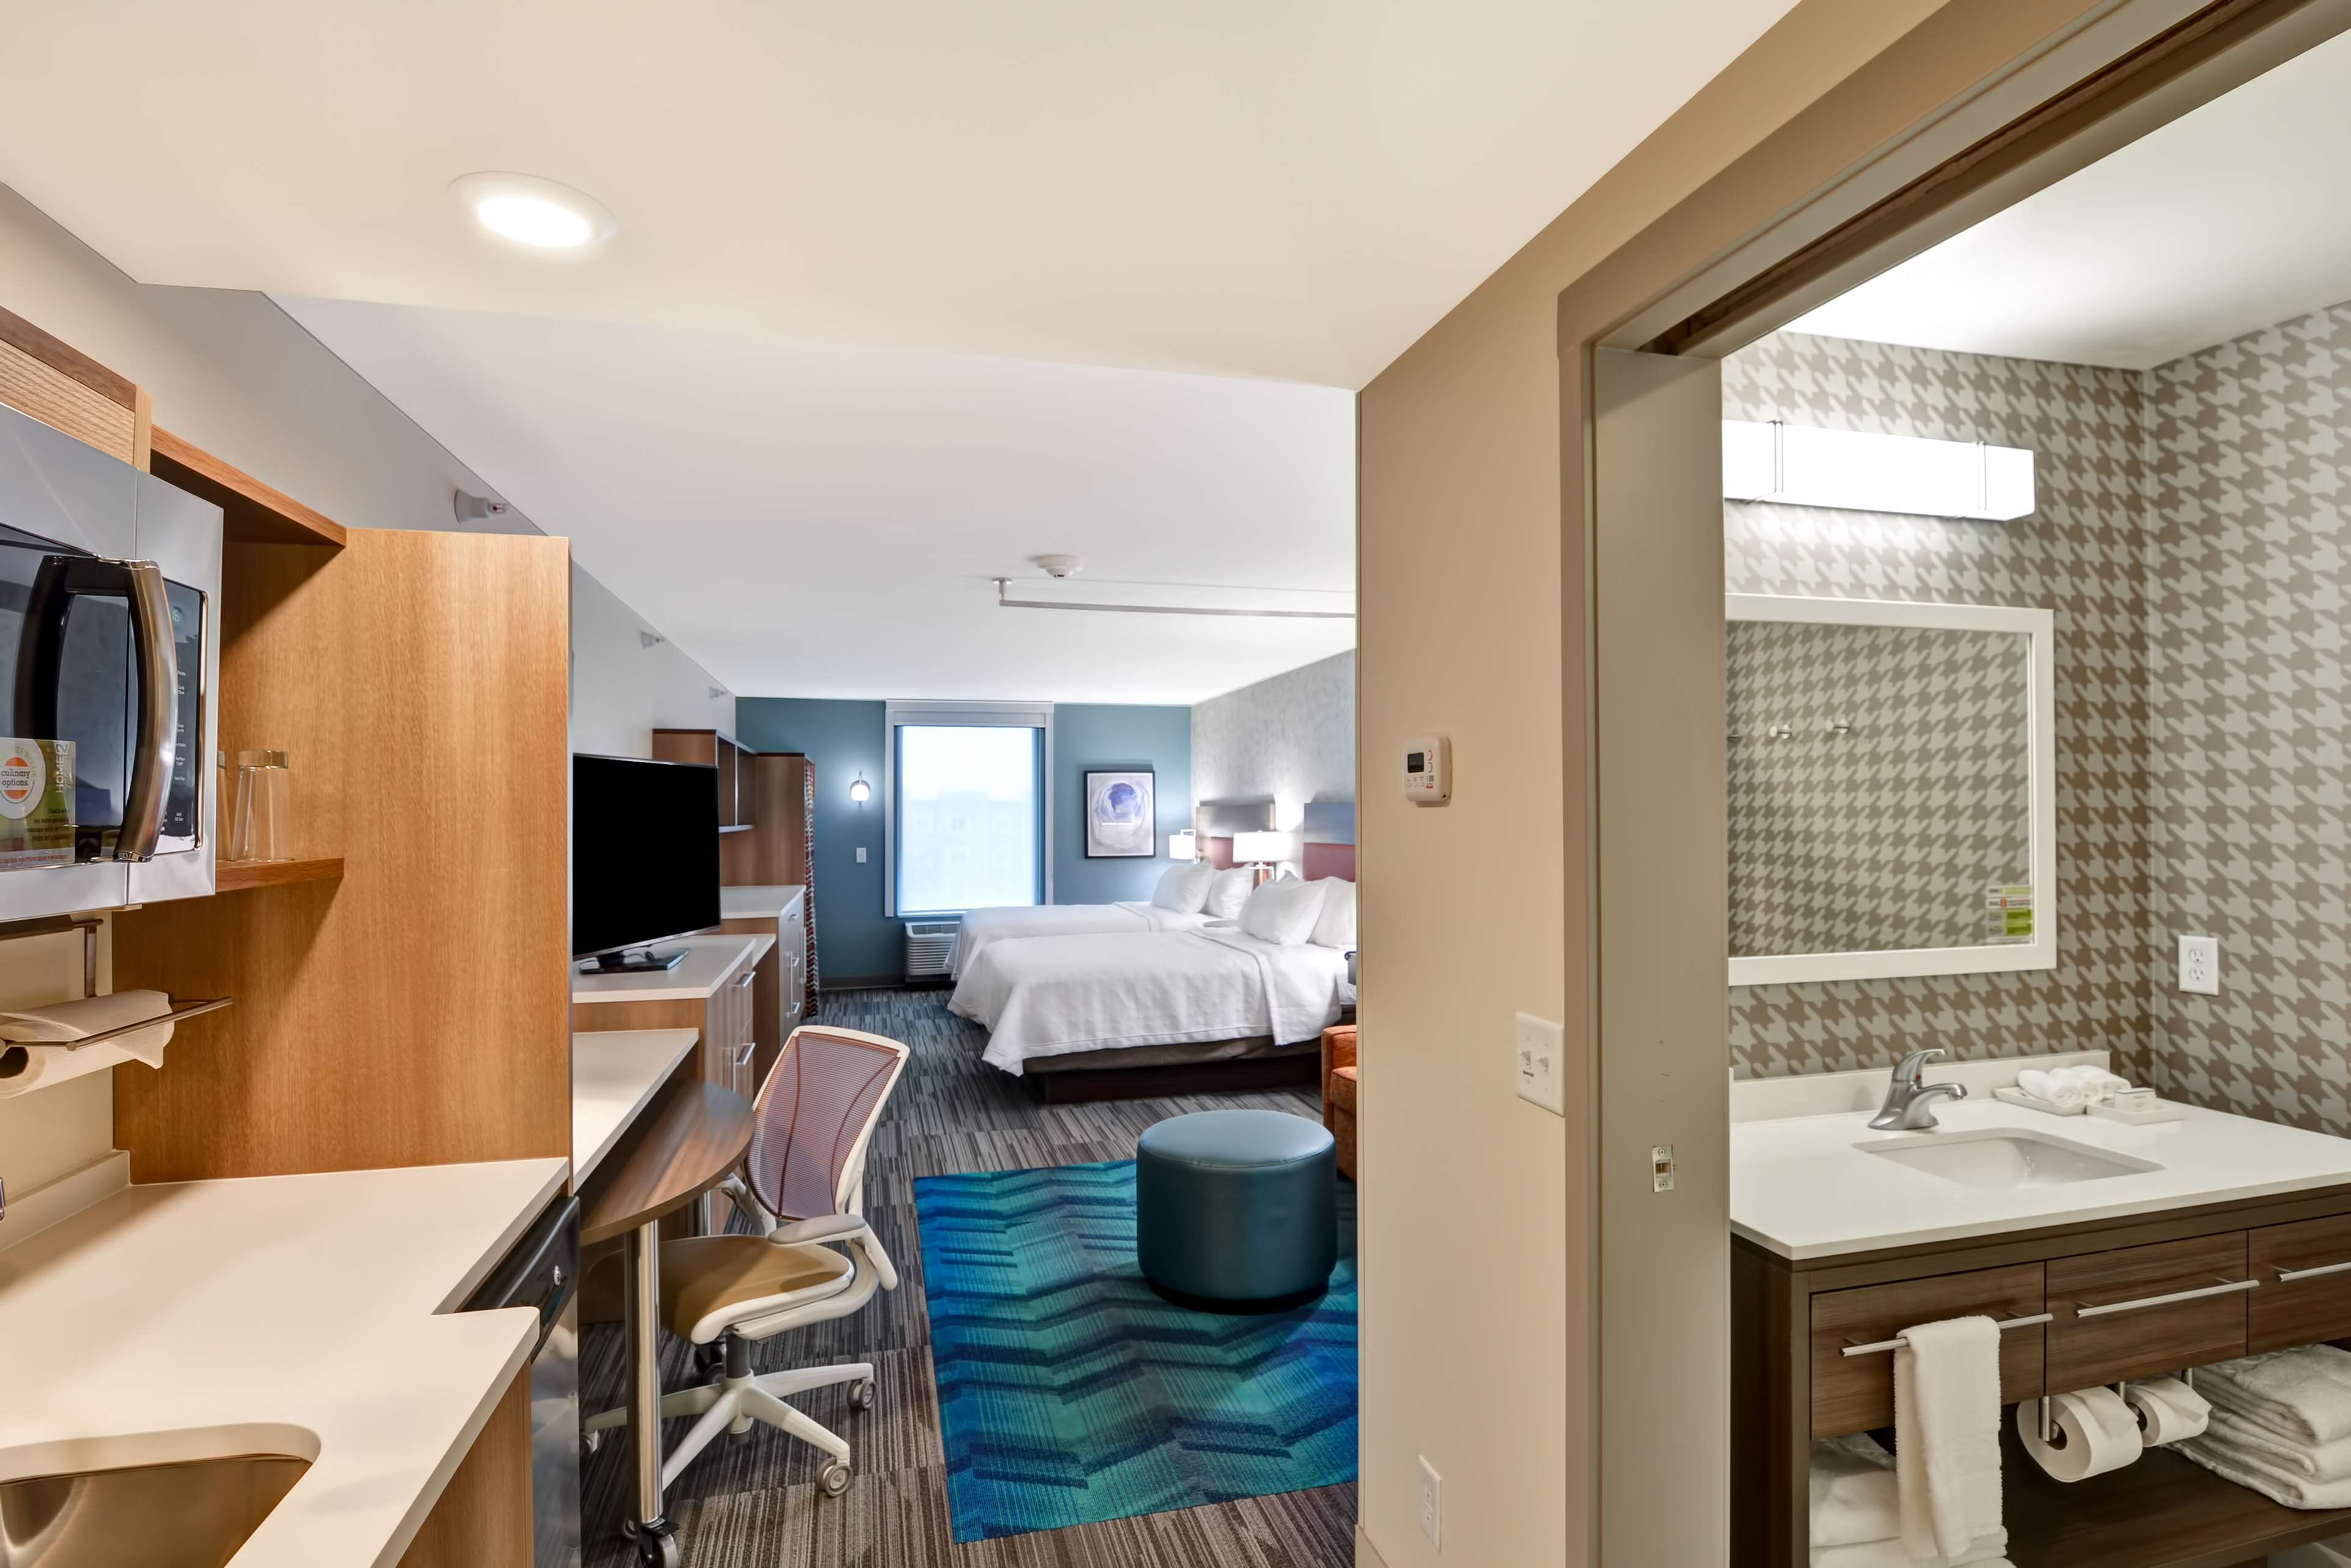 Home2 Suites by Hilton Lafayette image 18